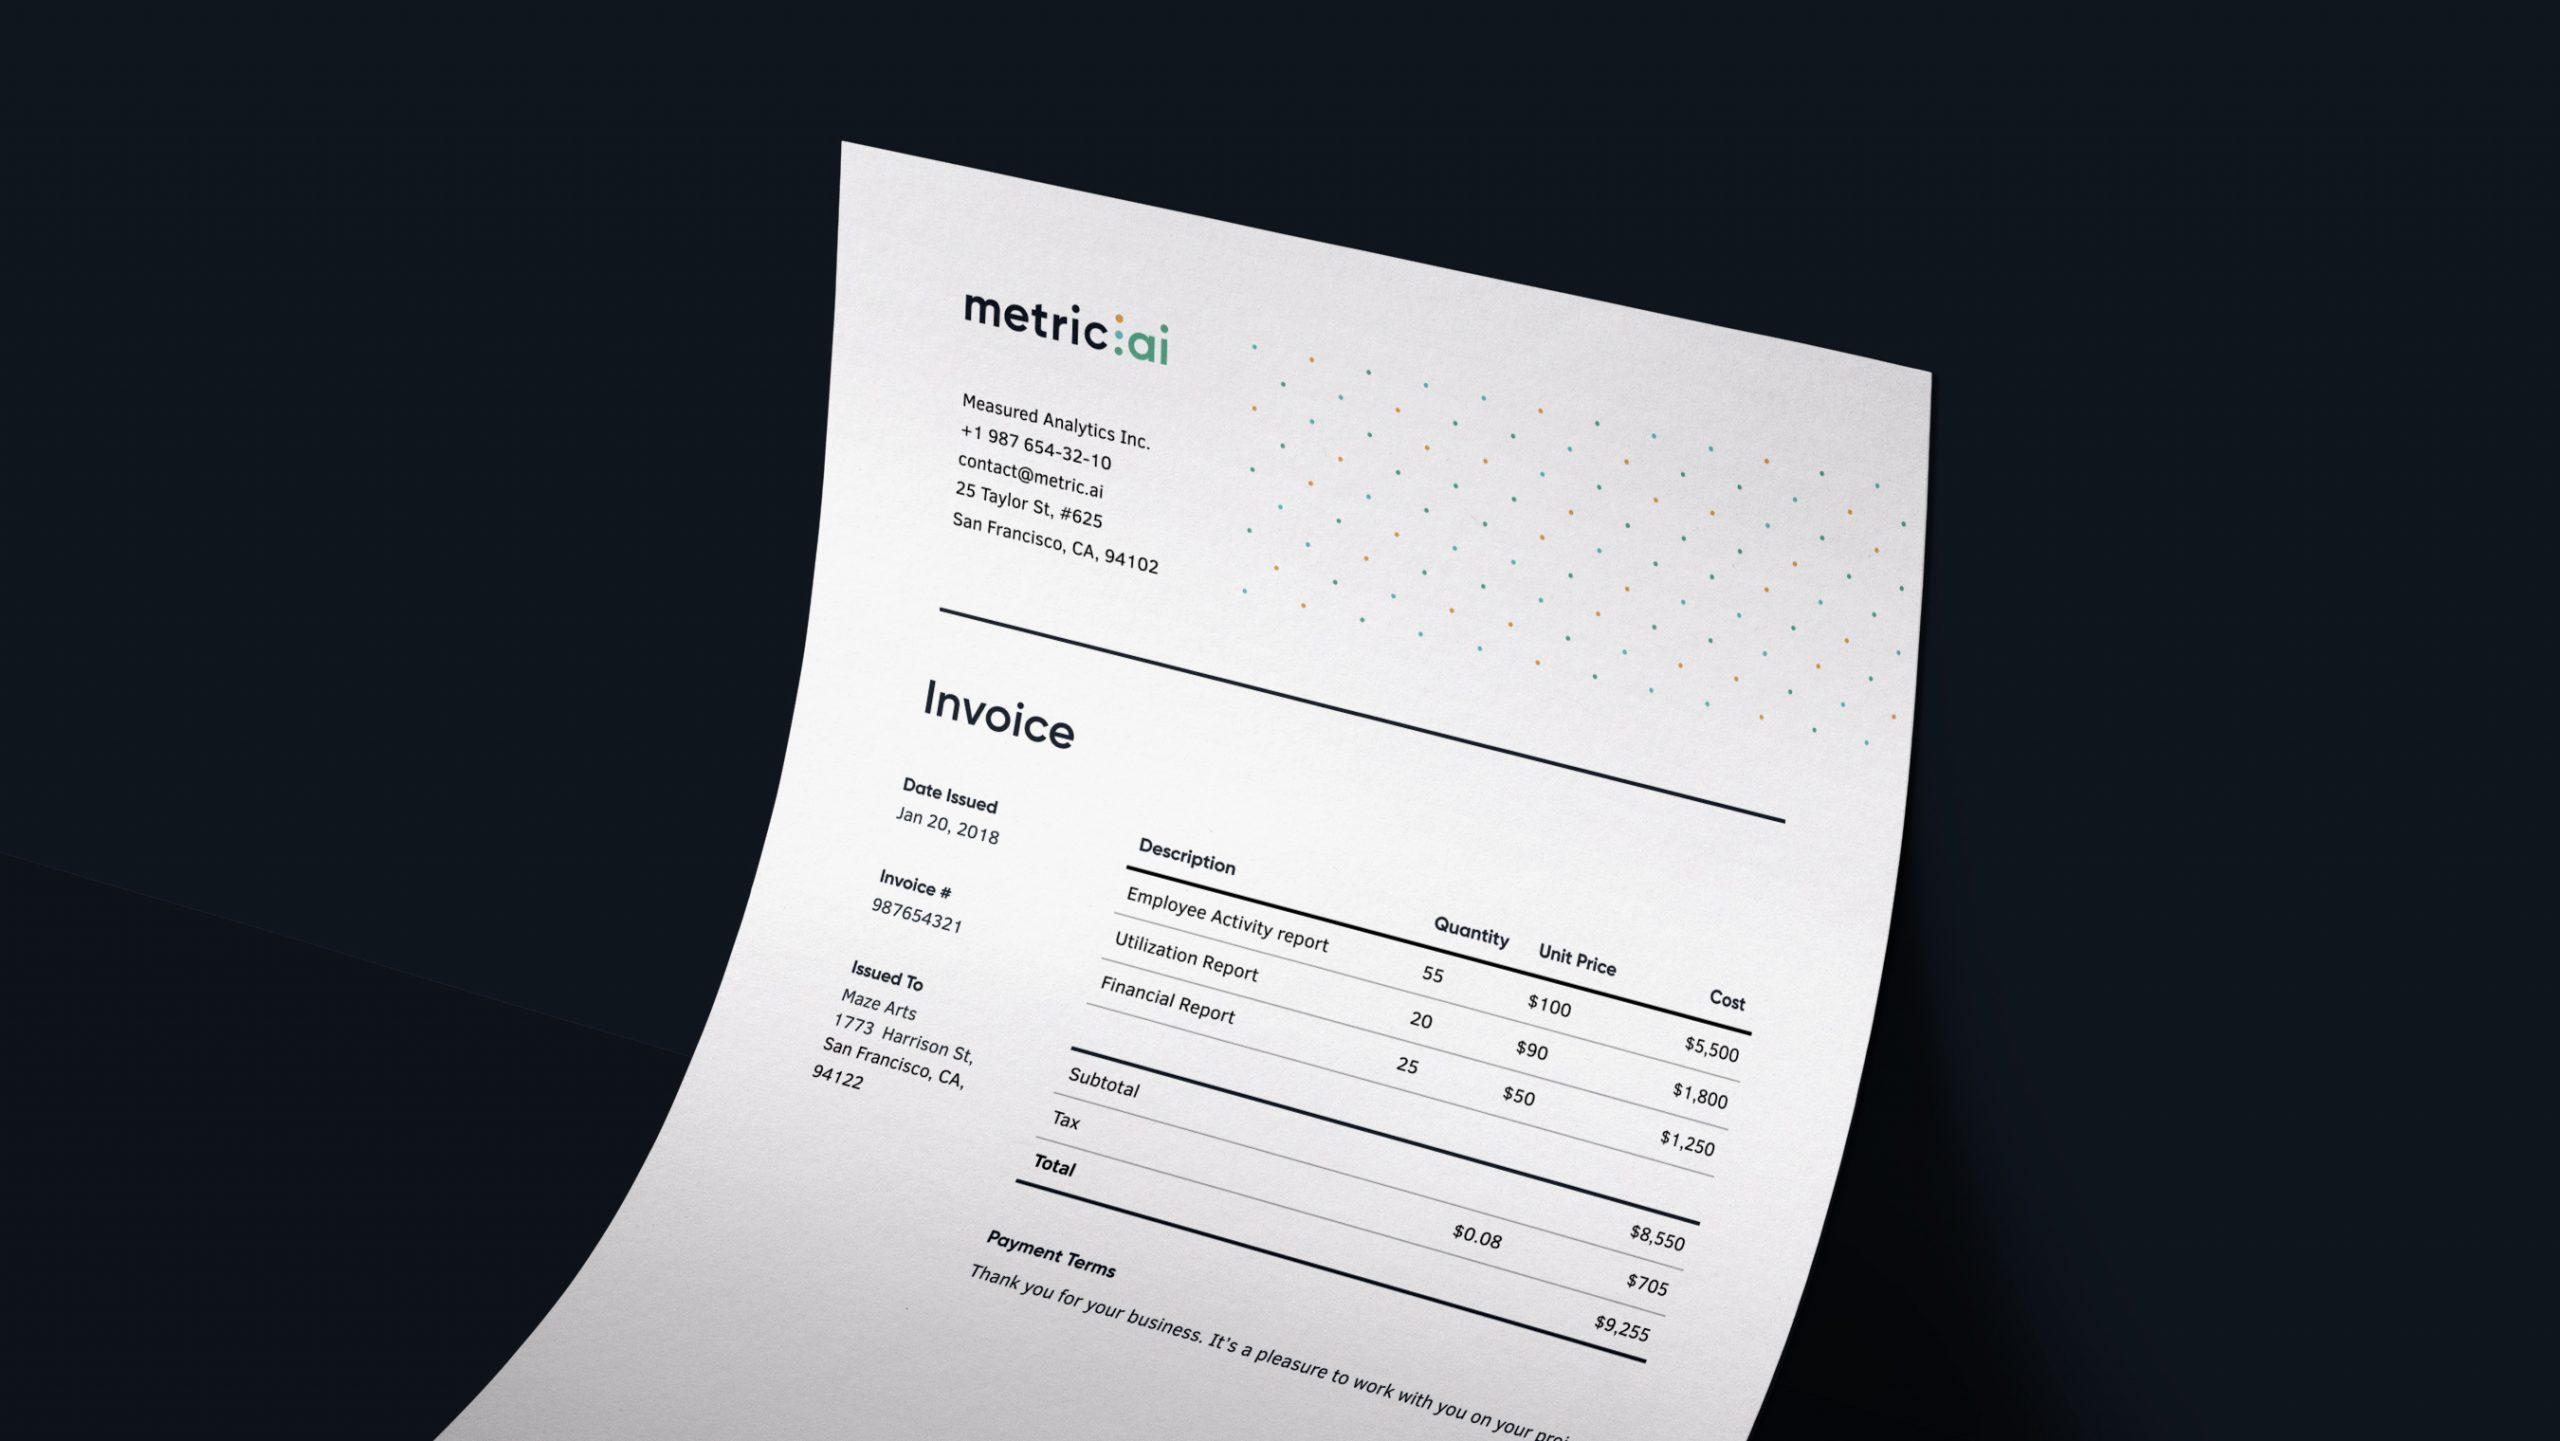 metric_invoice-1